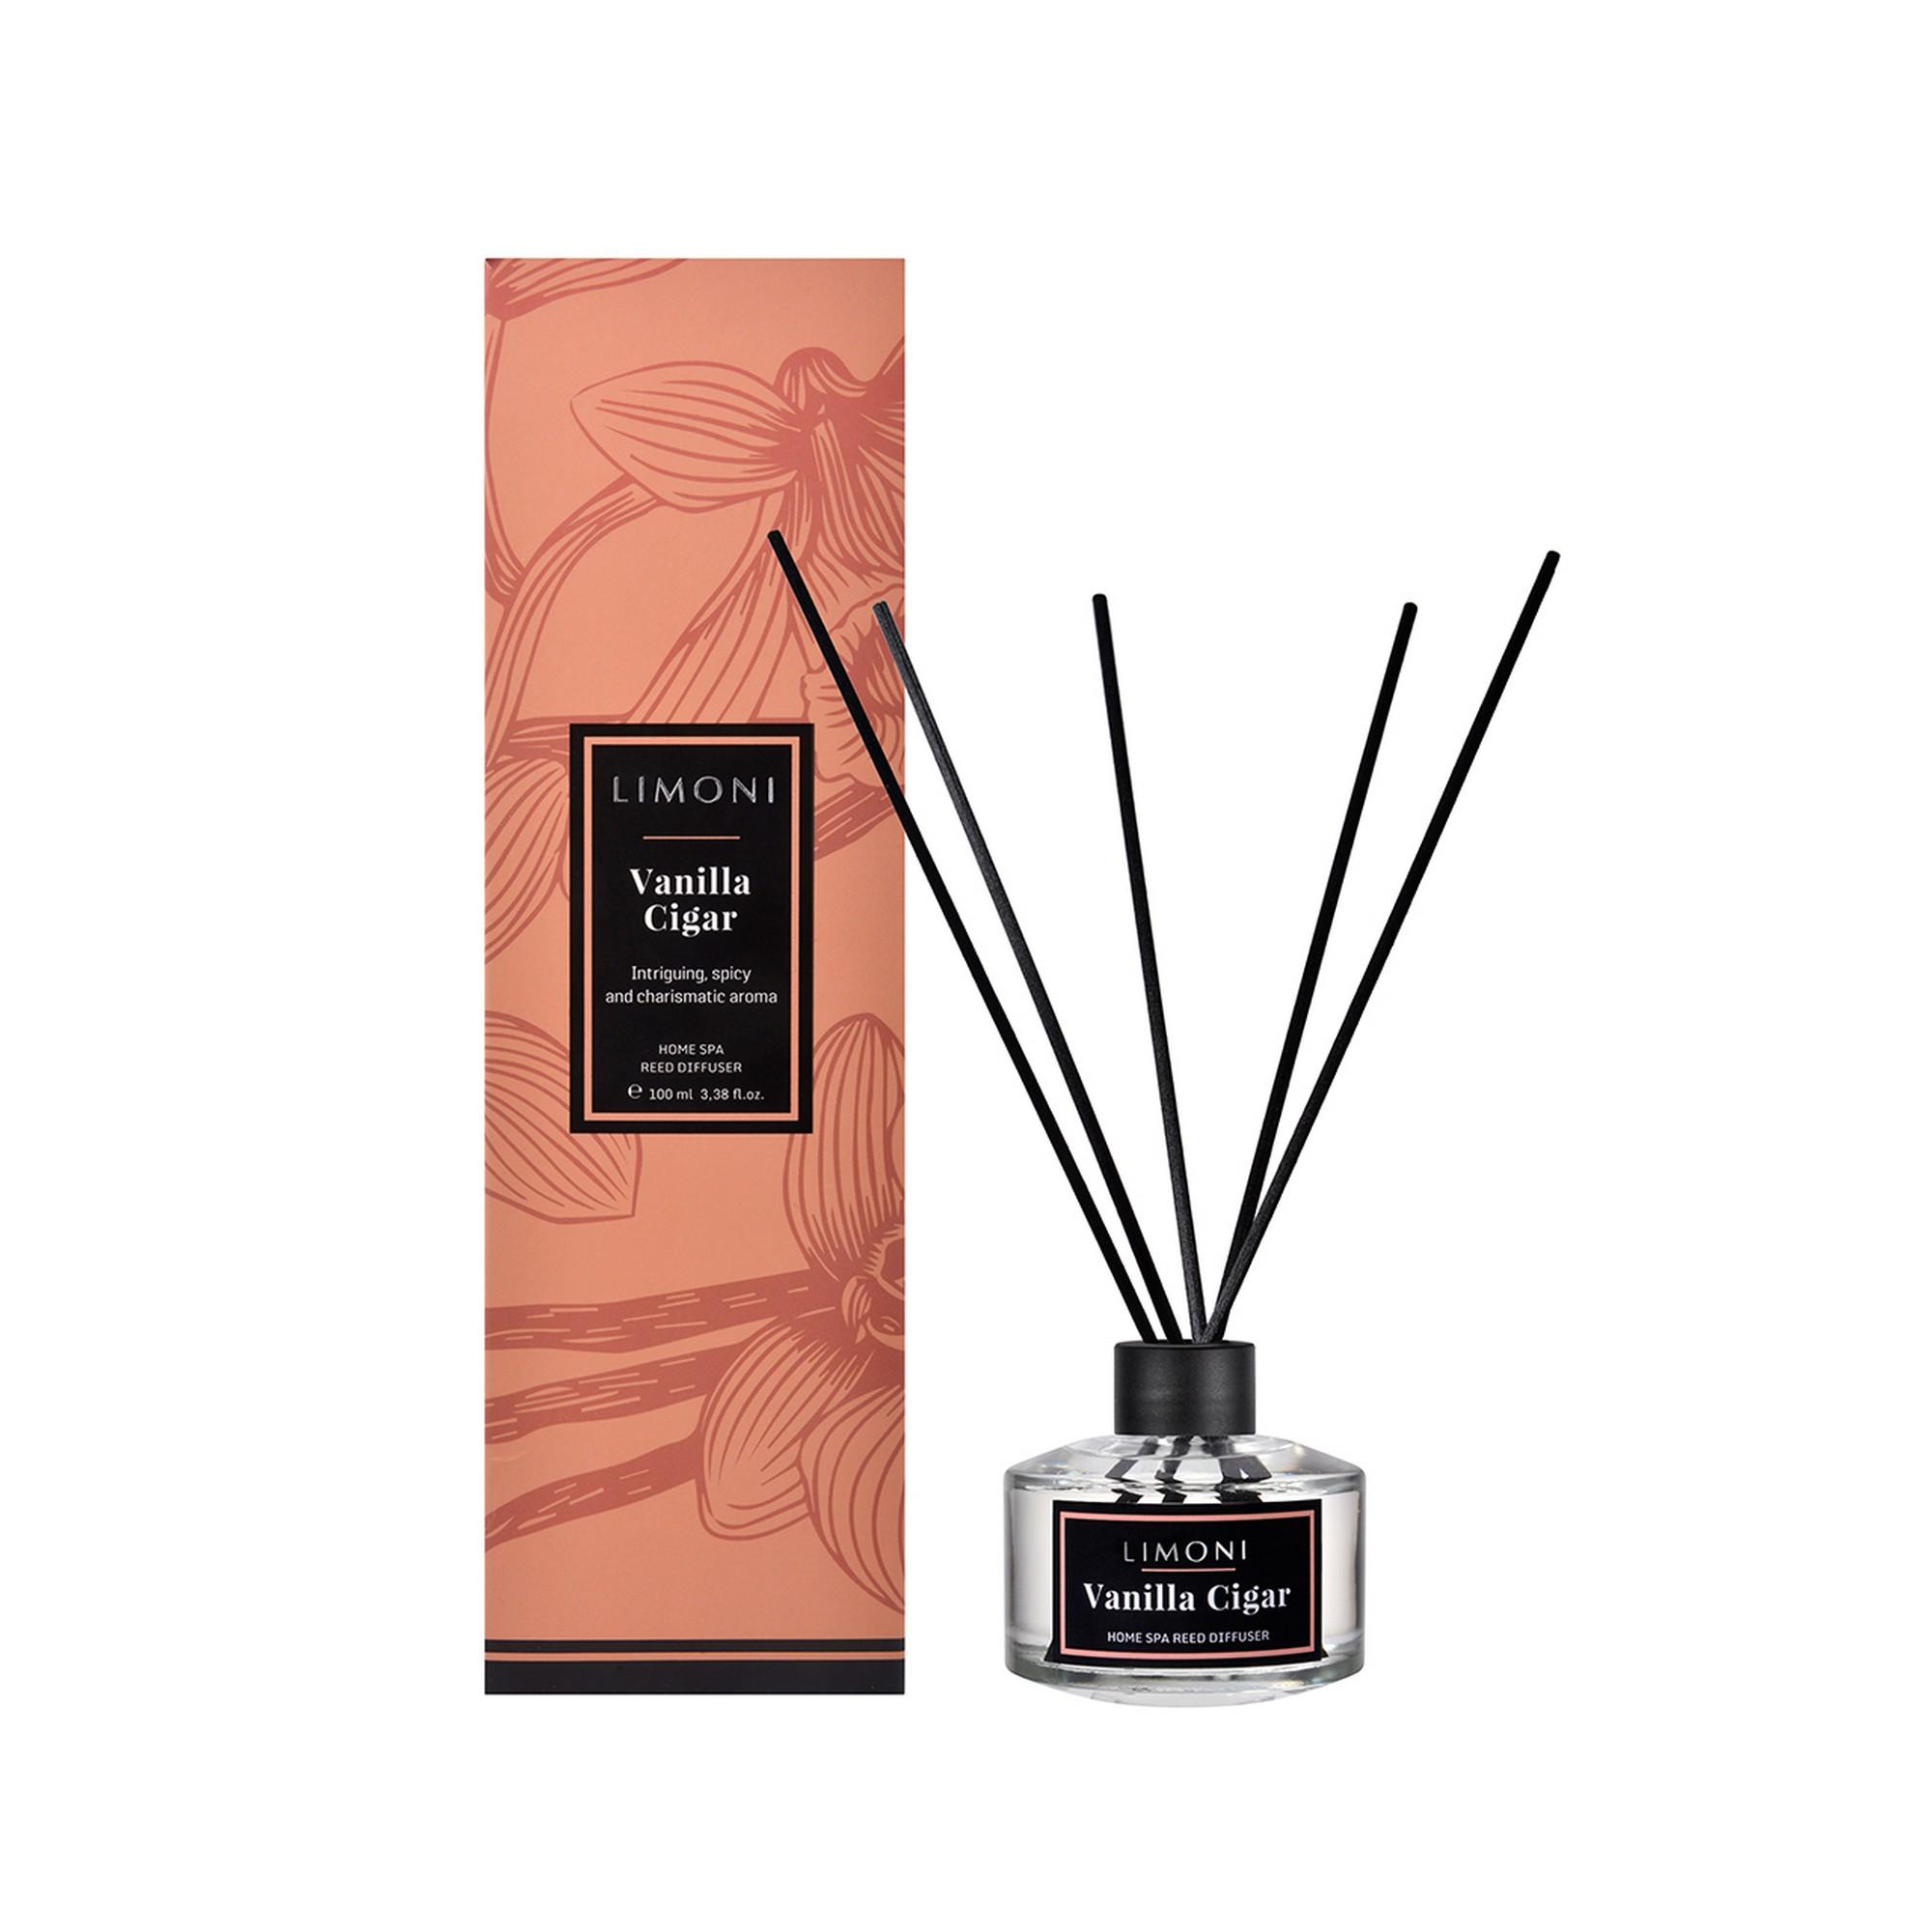 LIMONI Вода парфюмерная в наборе с палочками Дымчатая Ваниль / LIMONI Vanilla Cigar, 100 мл от Галерея Косметики